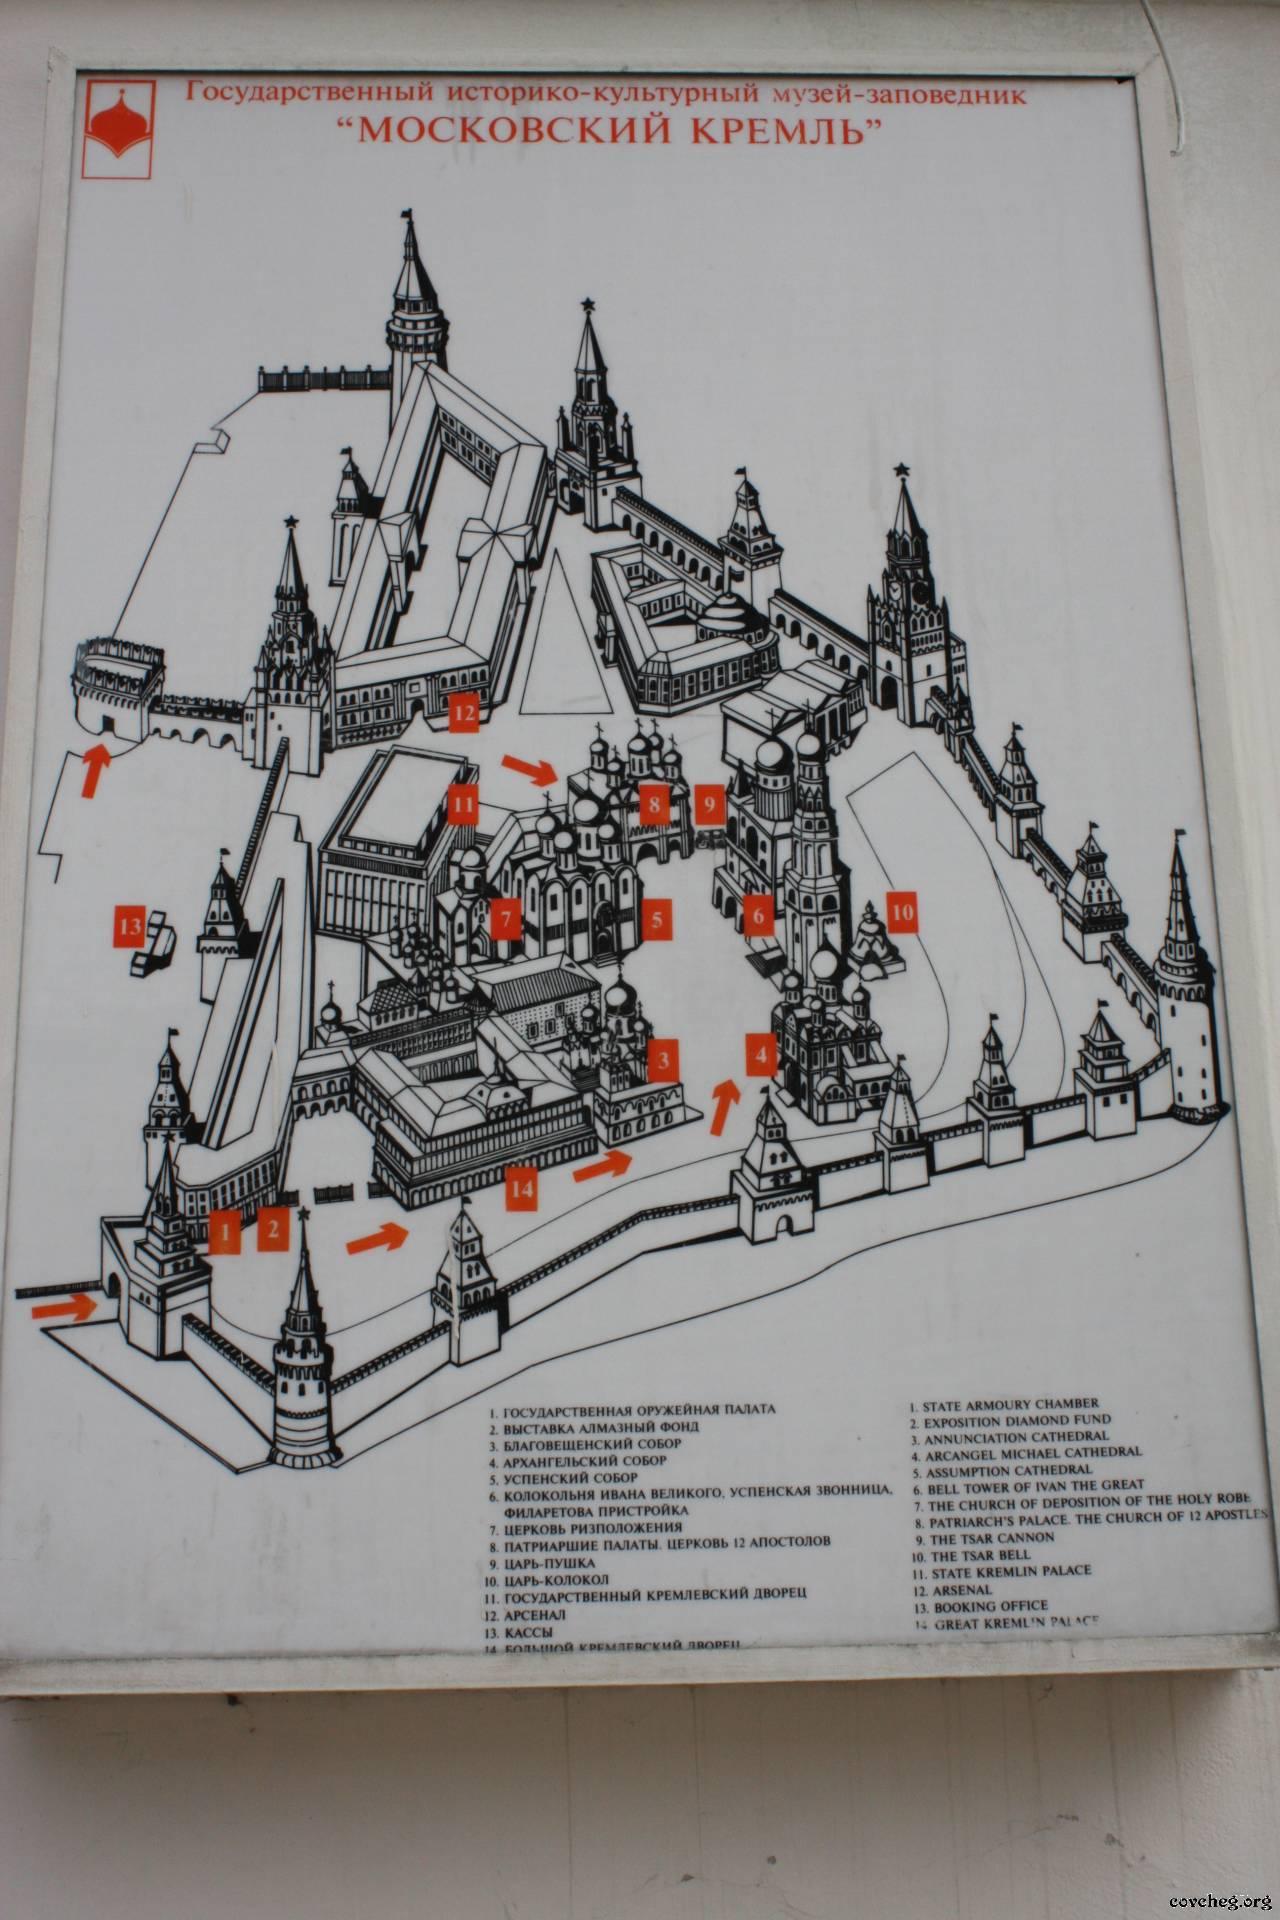 Рисунок схему московского кремля